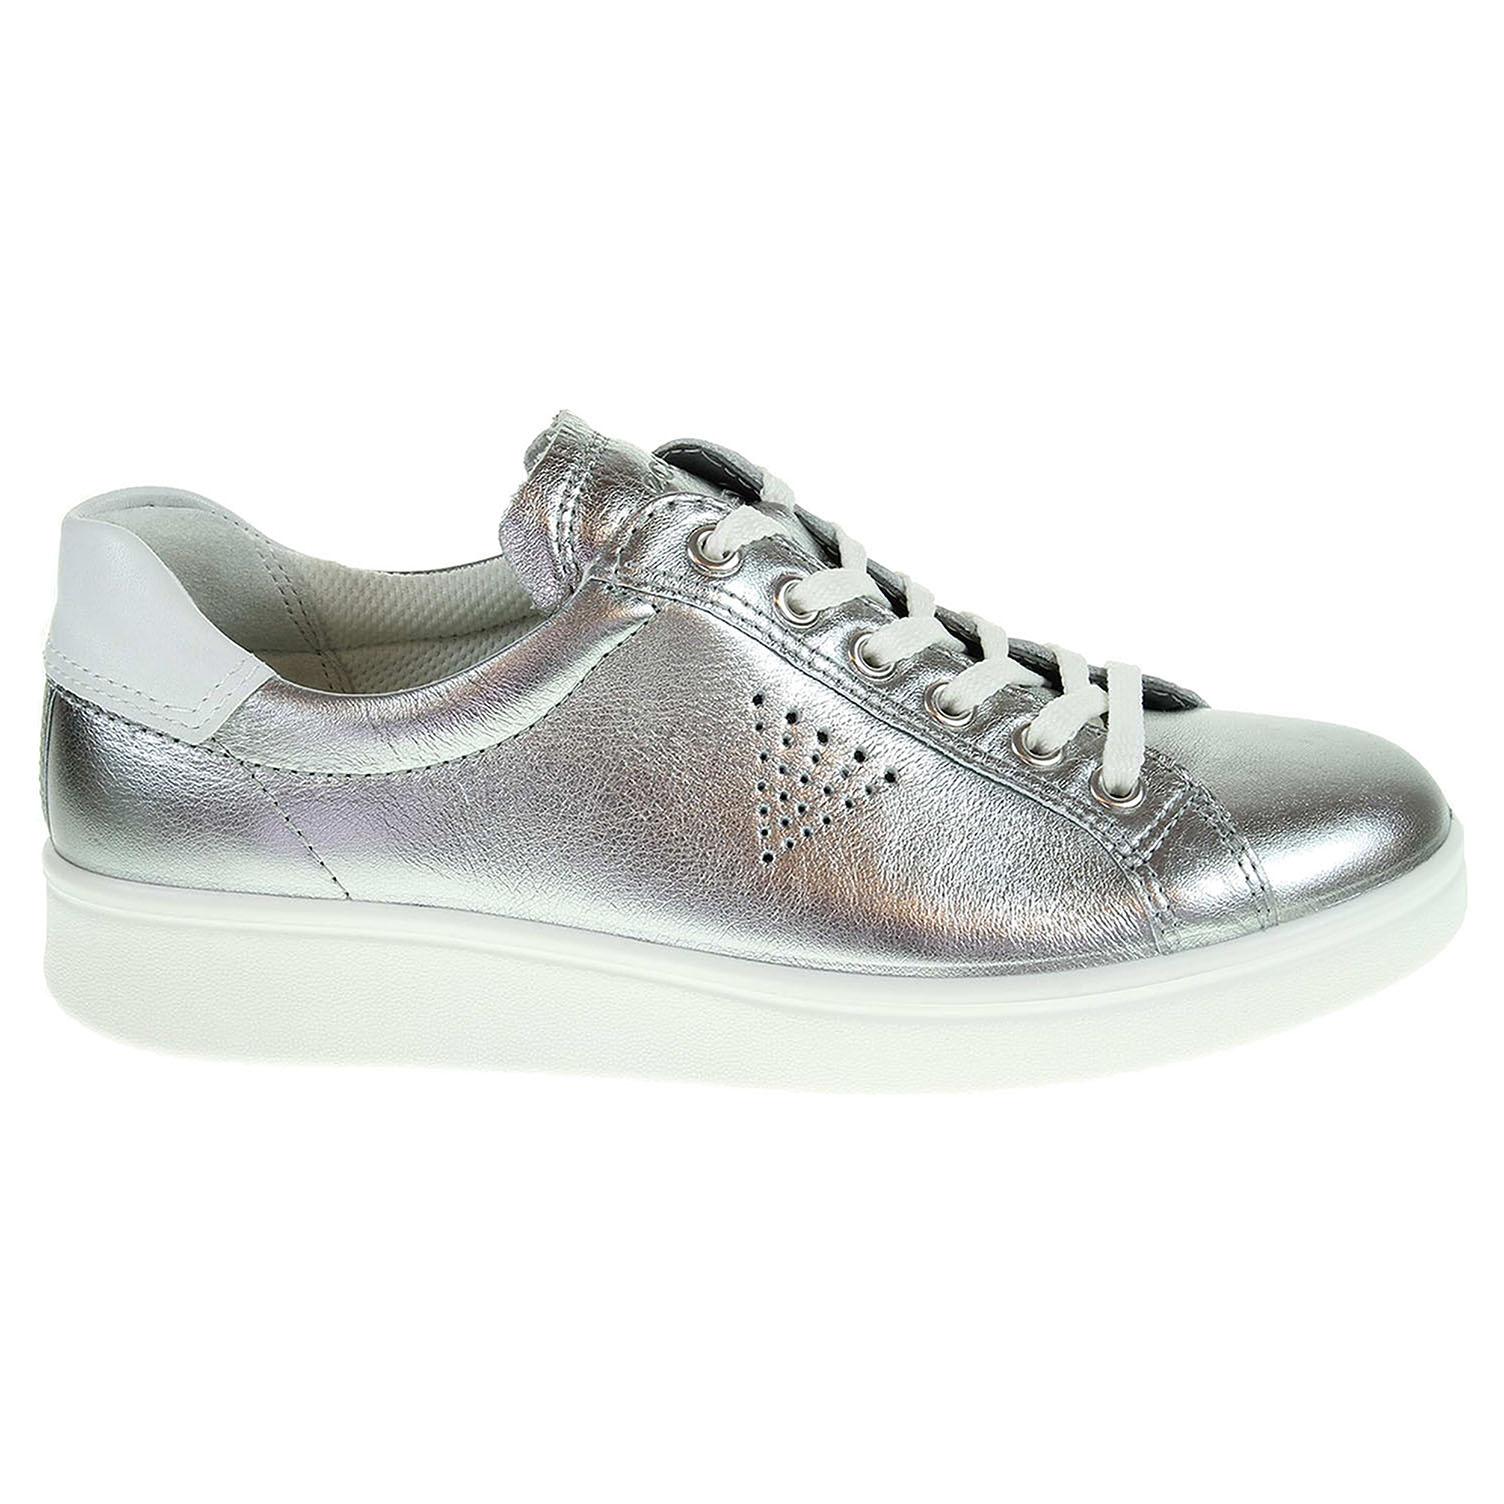 Ecco Soft 4 dámská obuv 21803350521 stříbrná 41